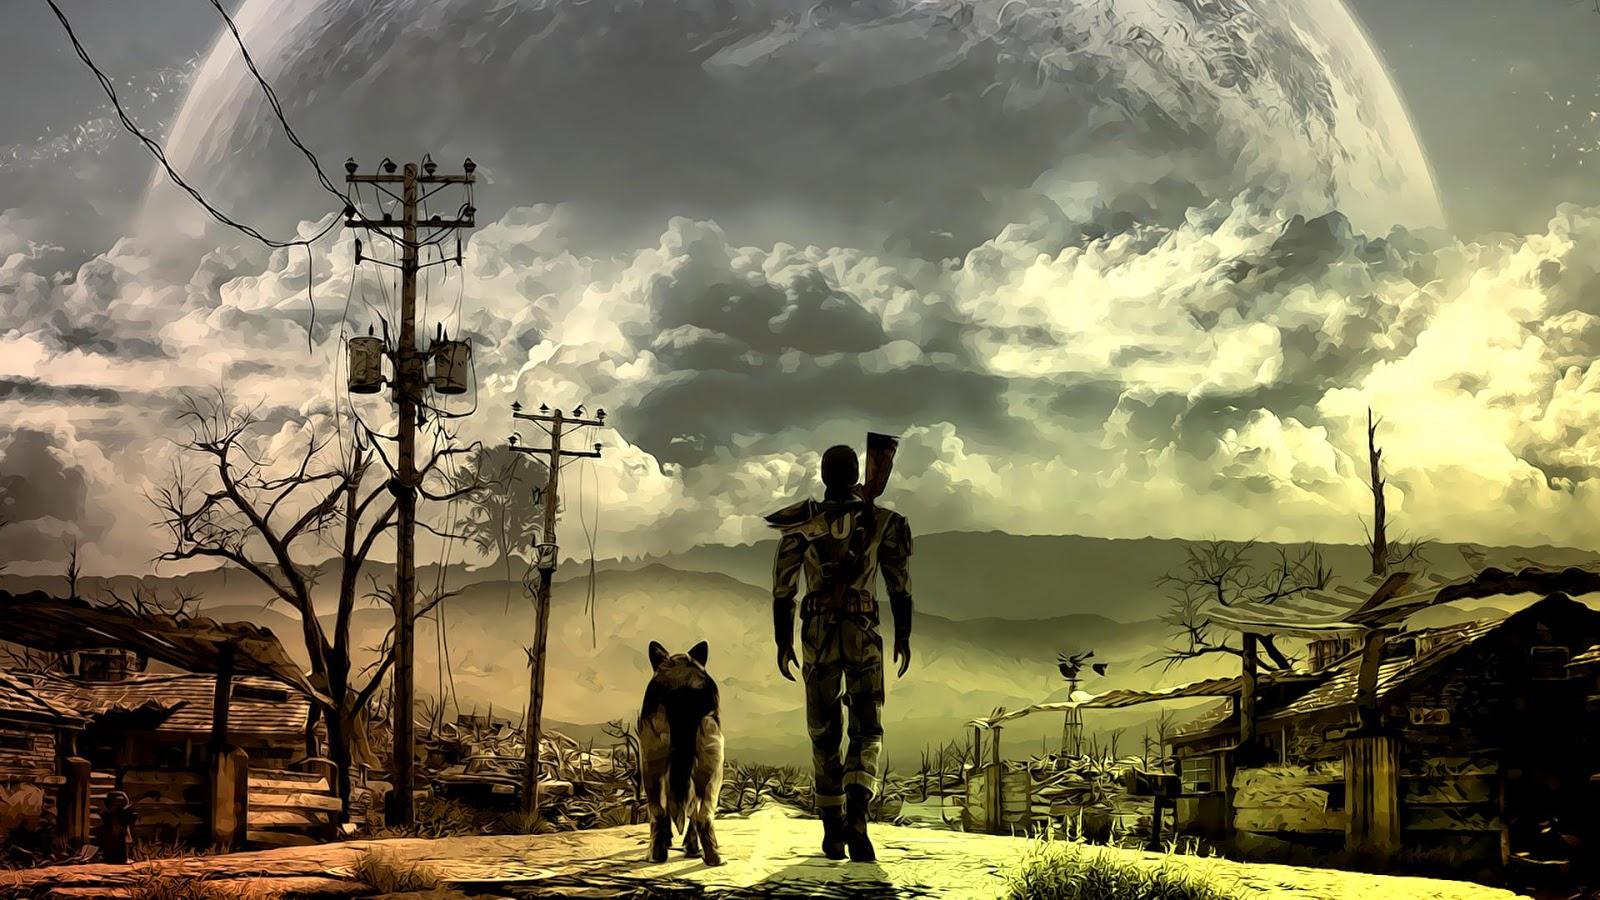 Fondos Para Whatsapp Patada De Caballo Fallout 4